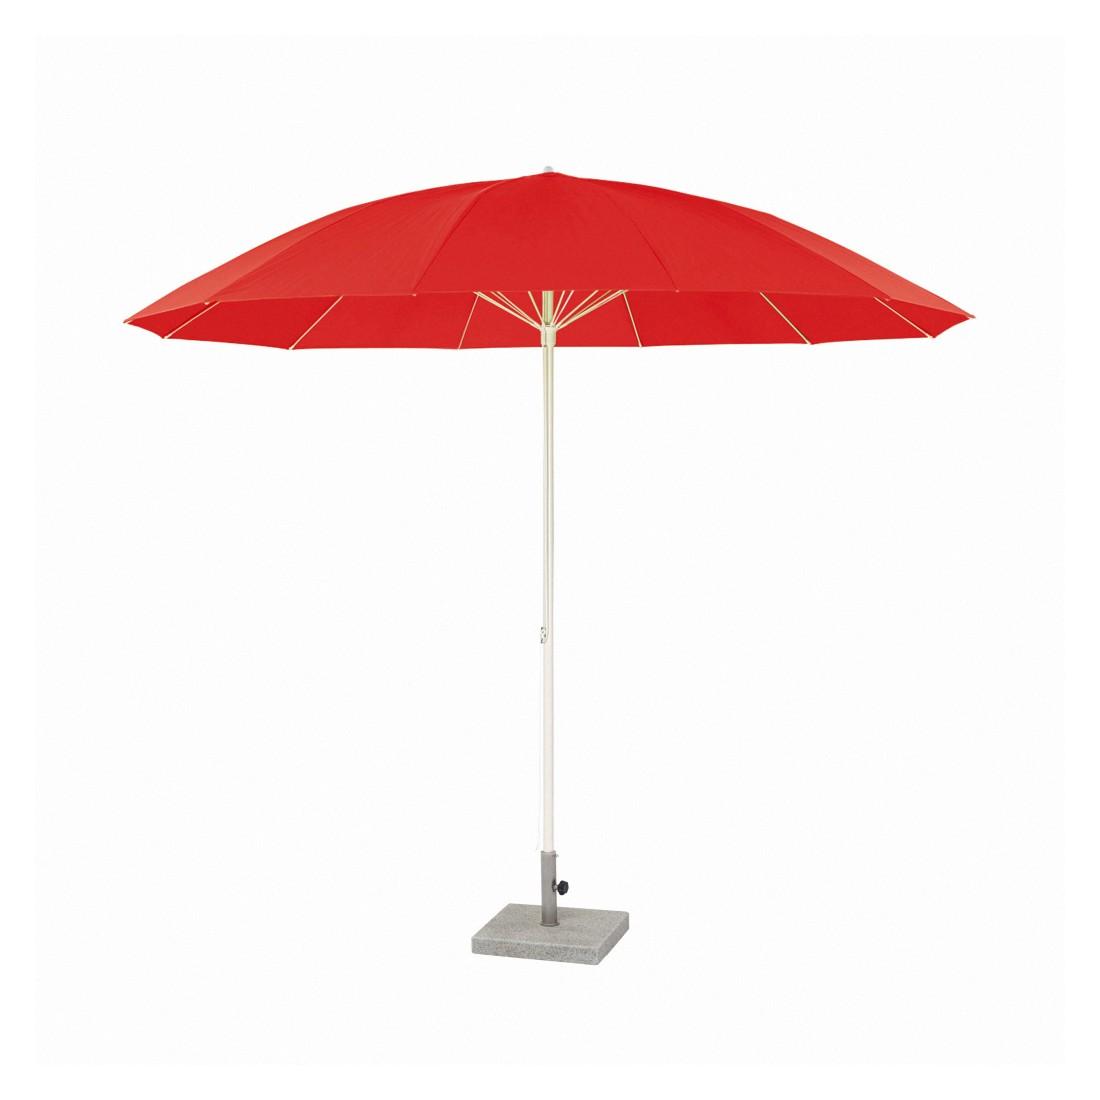 Sonnenschirm Pagodenschirm mit Knickgelenk - Aluminium Rot, Weishäupl Werkstätten